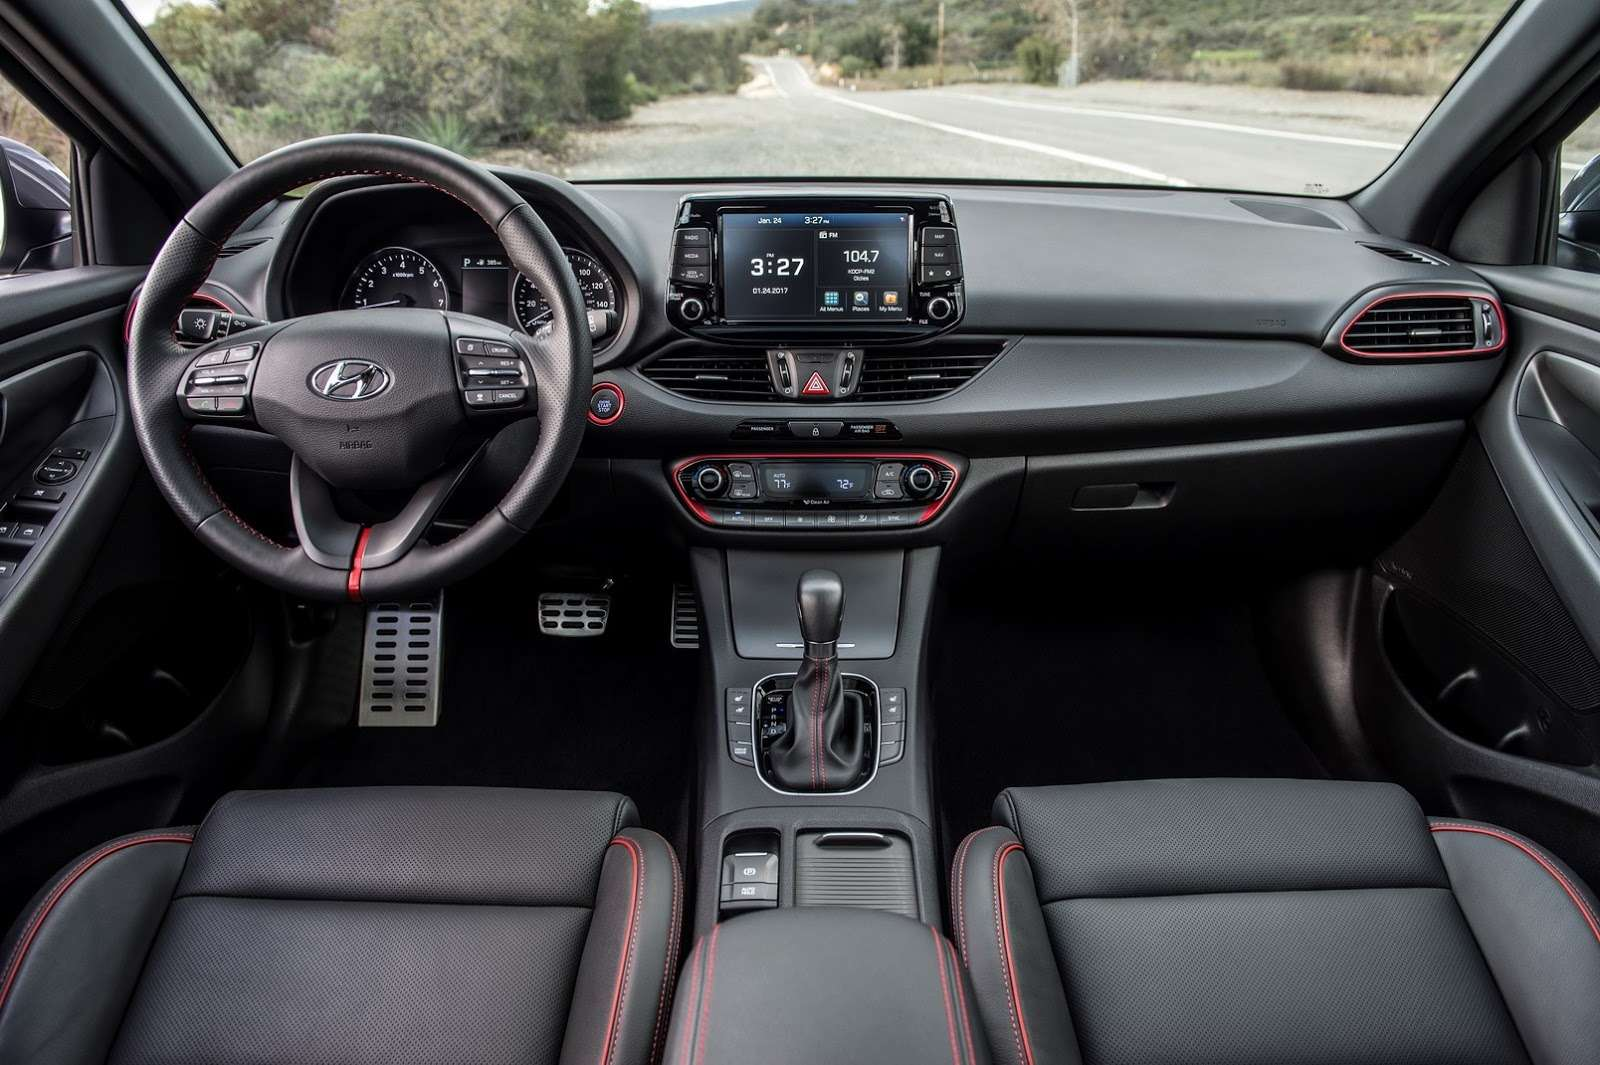 Европейское самериканским: Hyundai представила хэтчбек Elantra GT— фото 705486